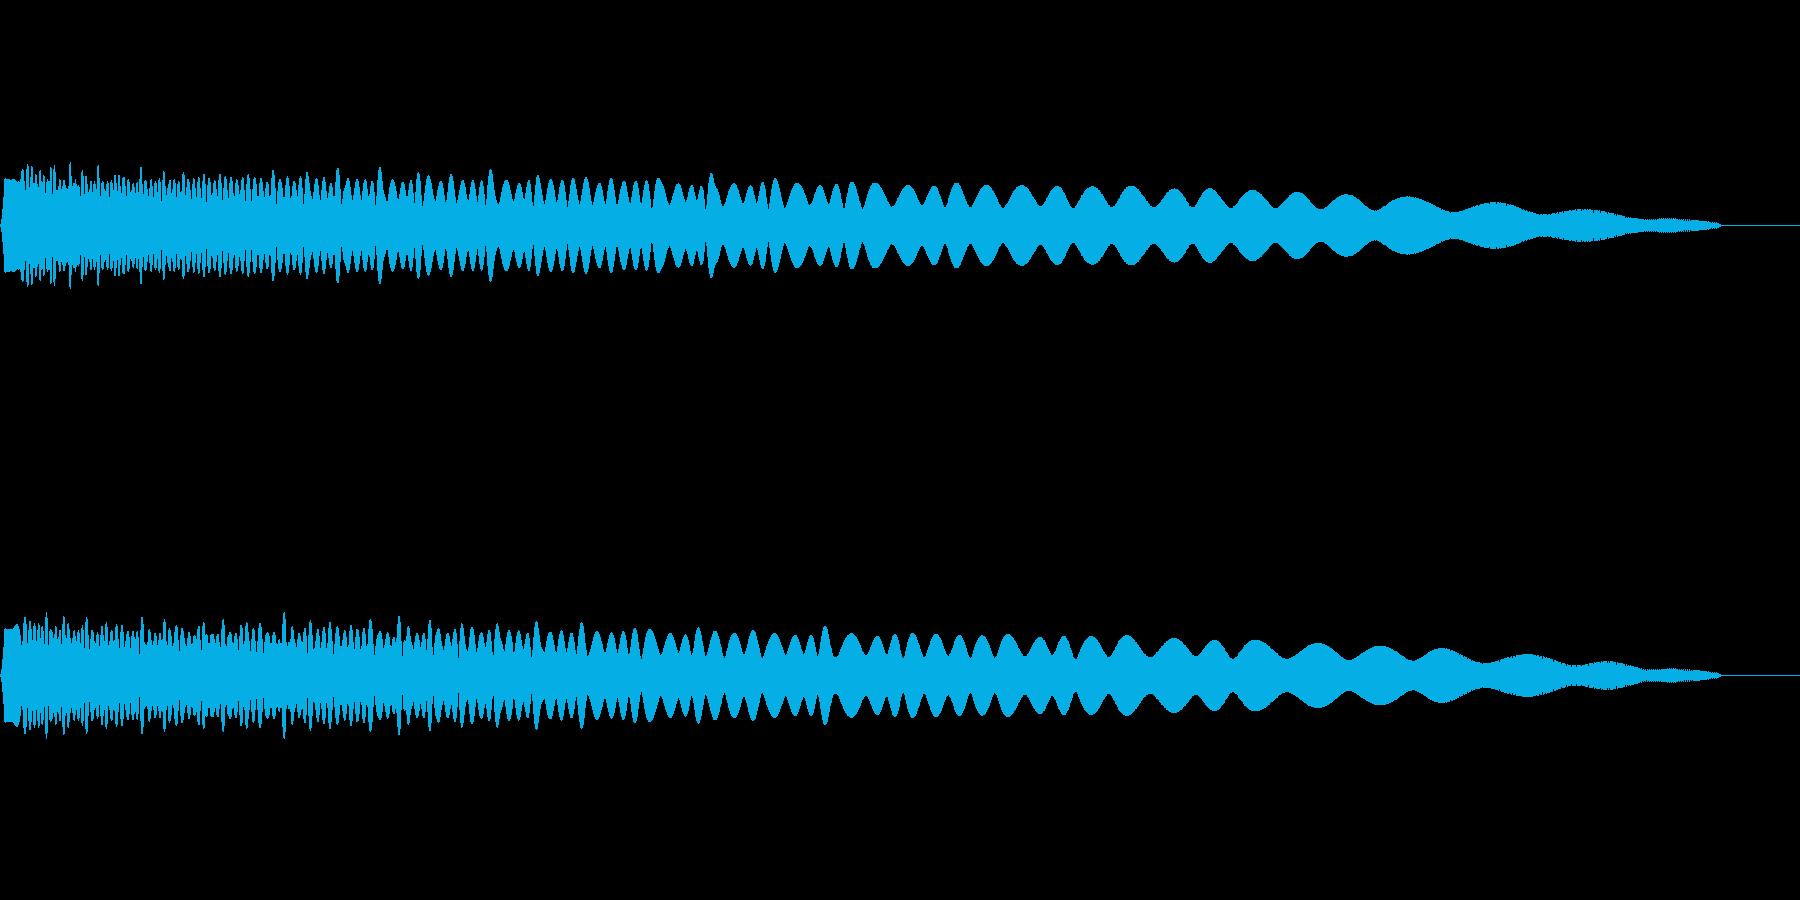 落下・物を投げる音の再生済みの波形